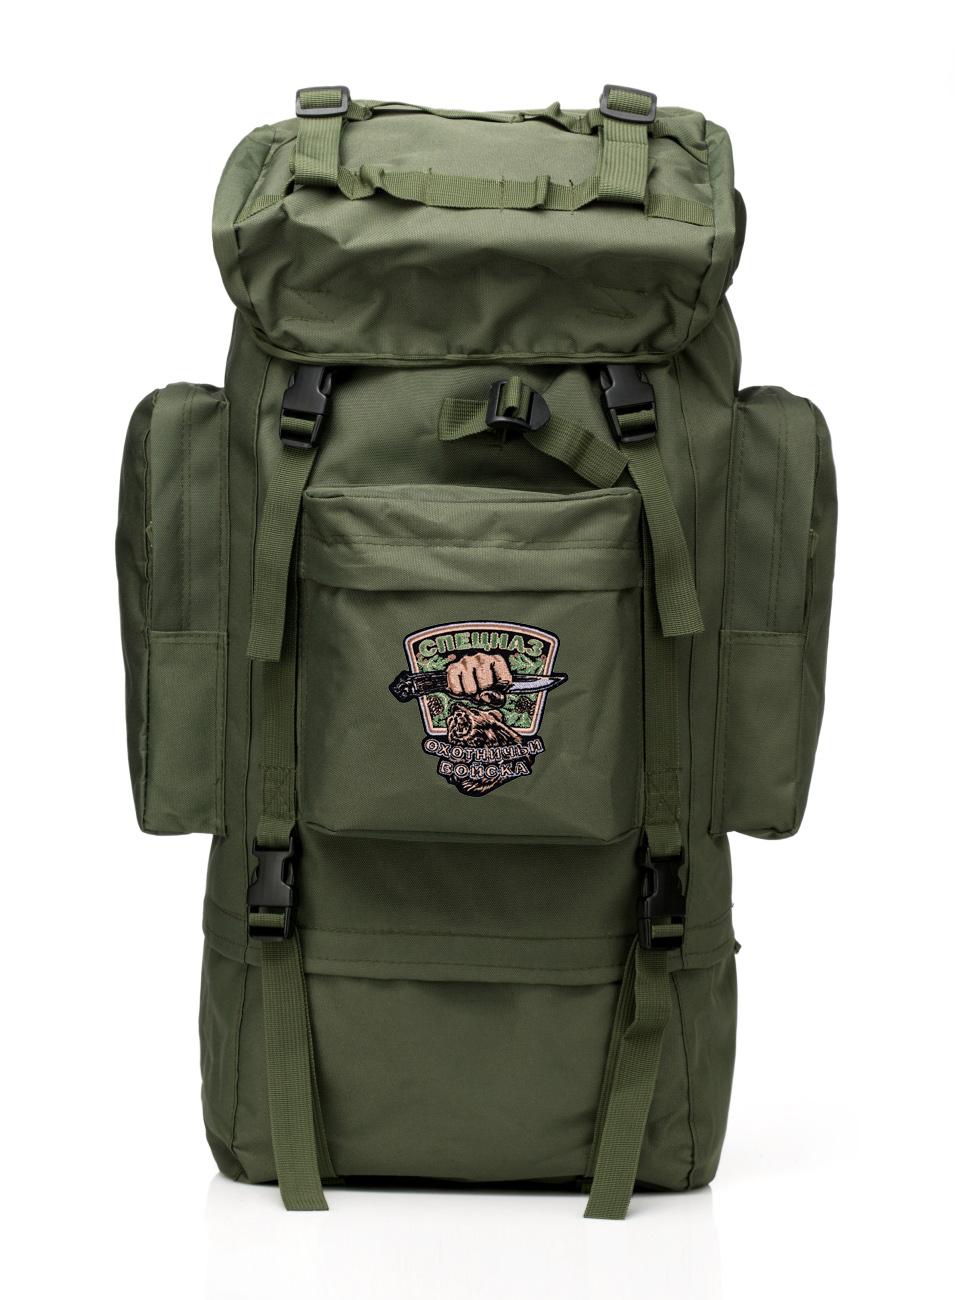 Тактический рюкзак цвета хаки с нашивкой Охотничий спецназ